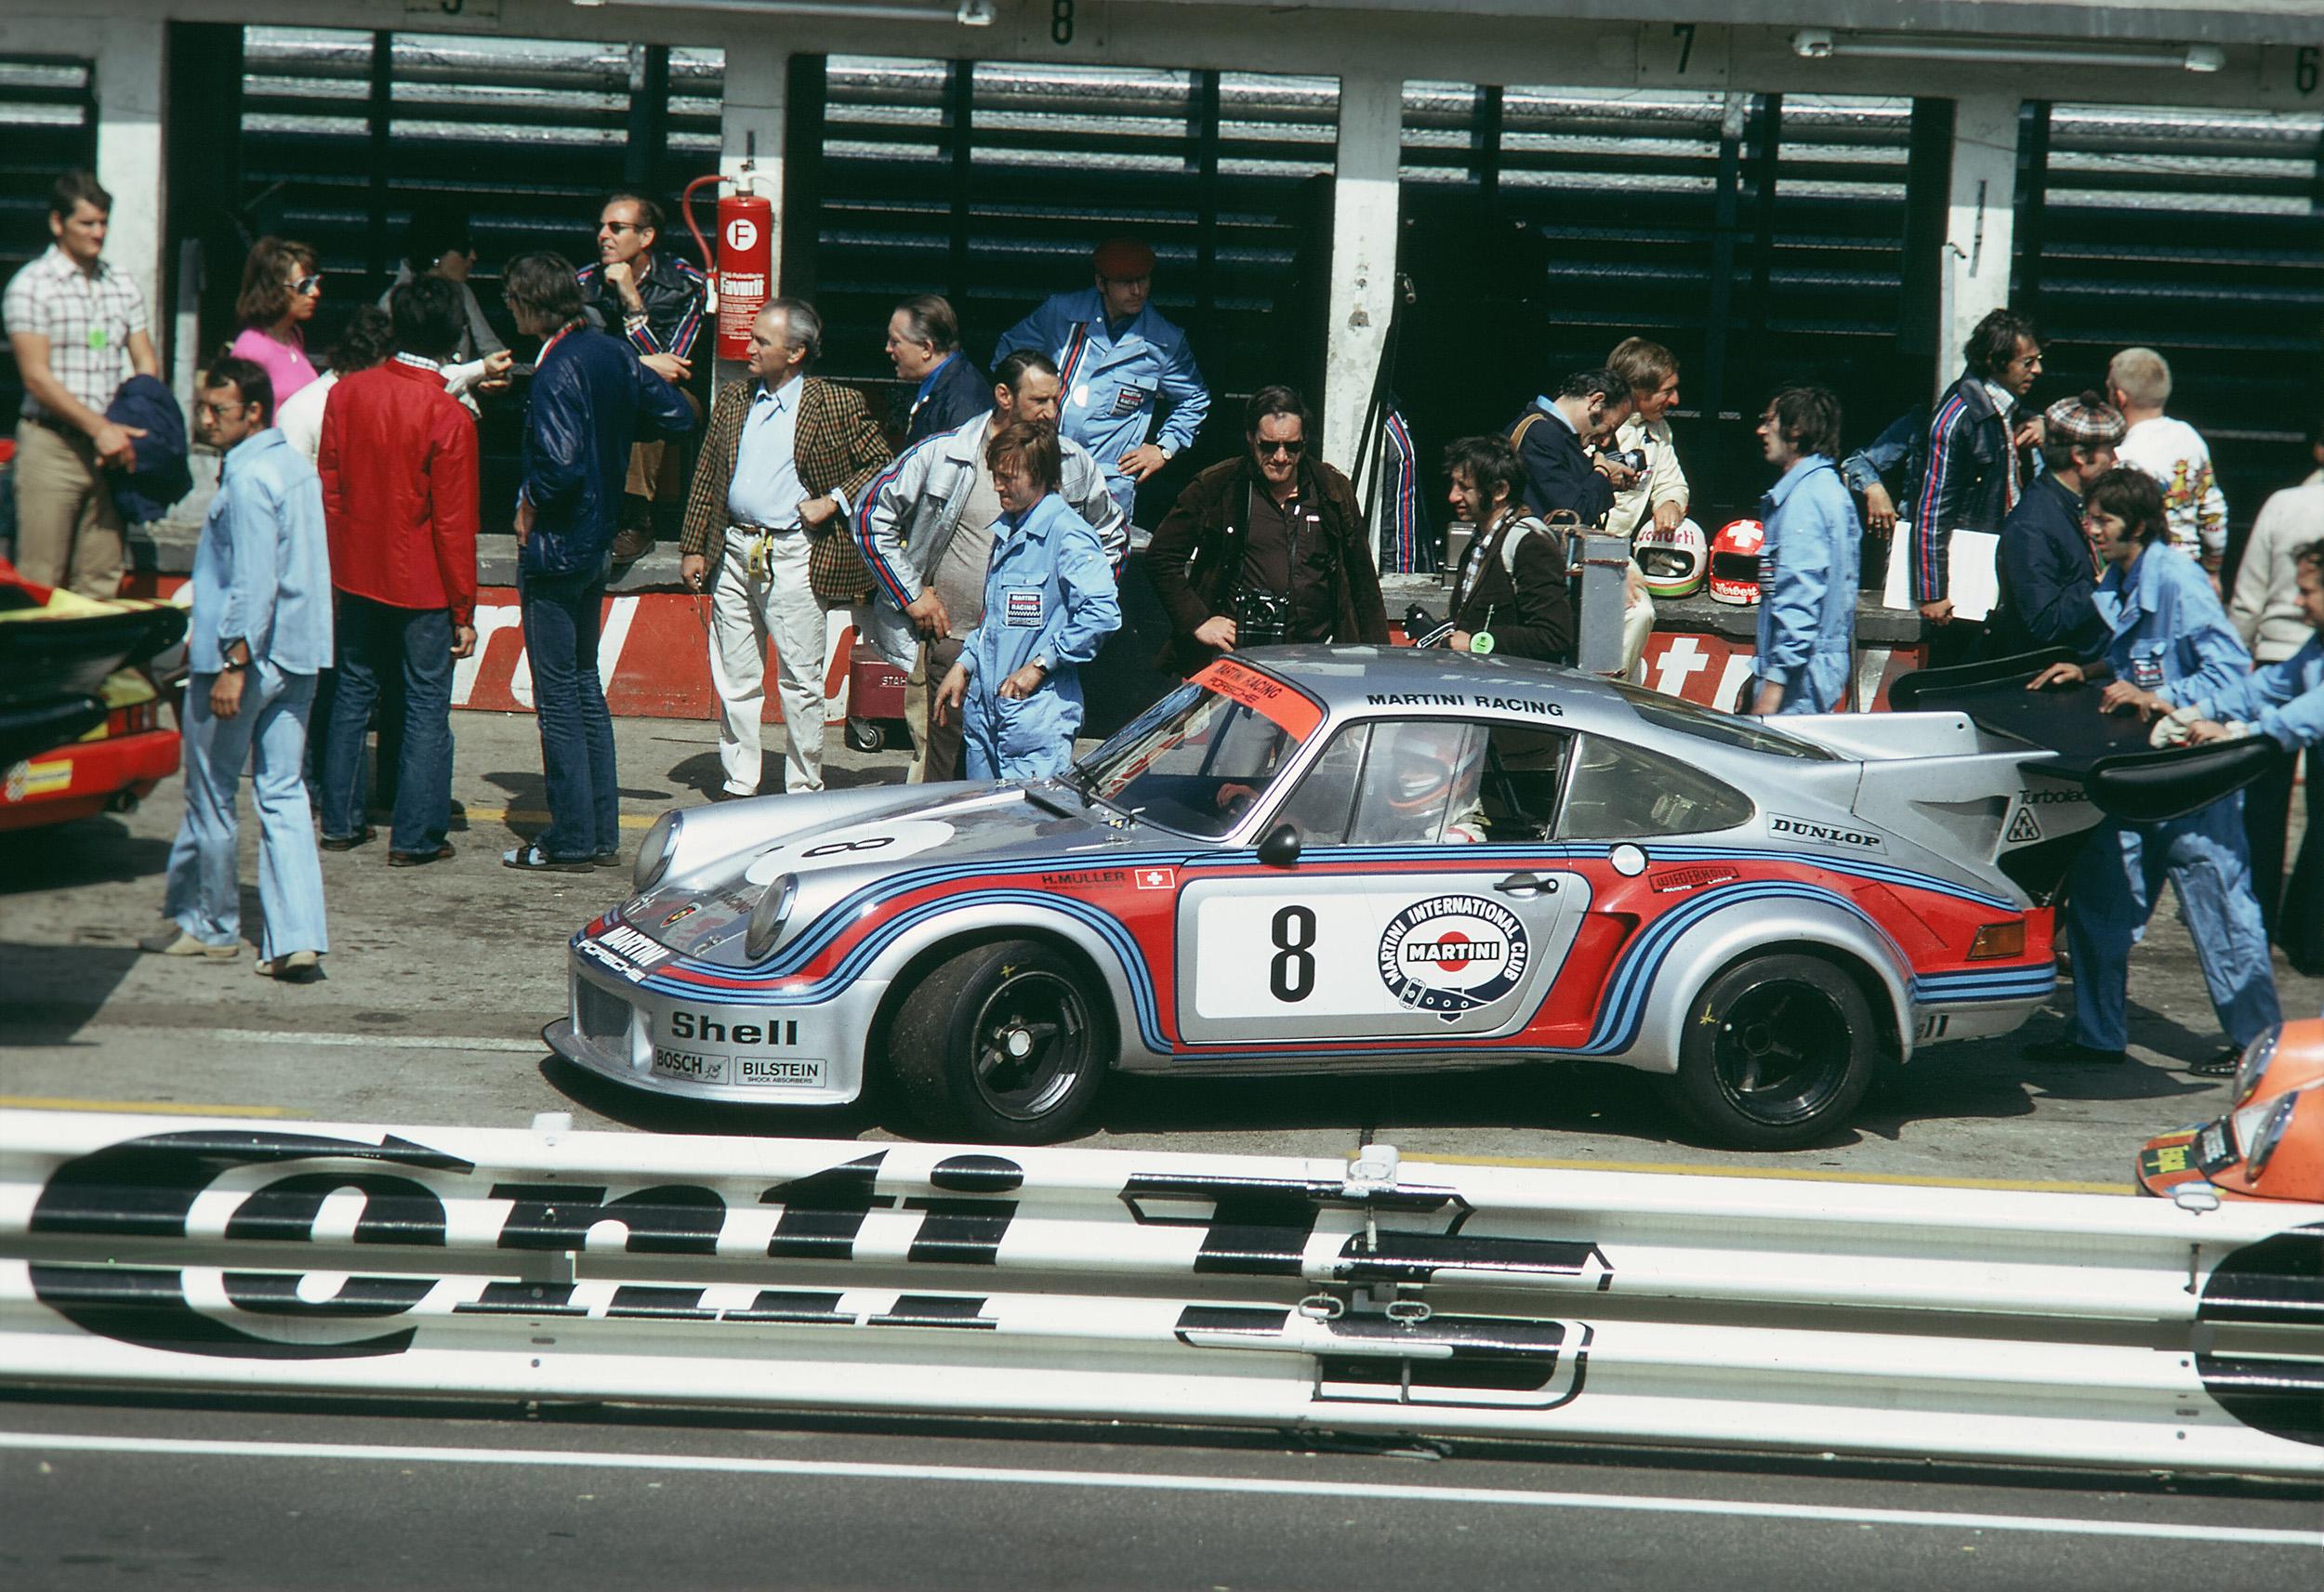 I 1974 opptrådte 911 for første gang med turbomating på racerbanen. Bilen kjent som 911 Carrera RSR Turbo 2.1 tok en sensasjonell andreplass på Le Mans.